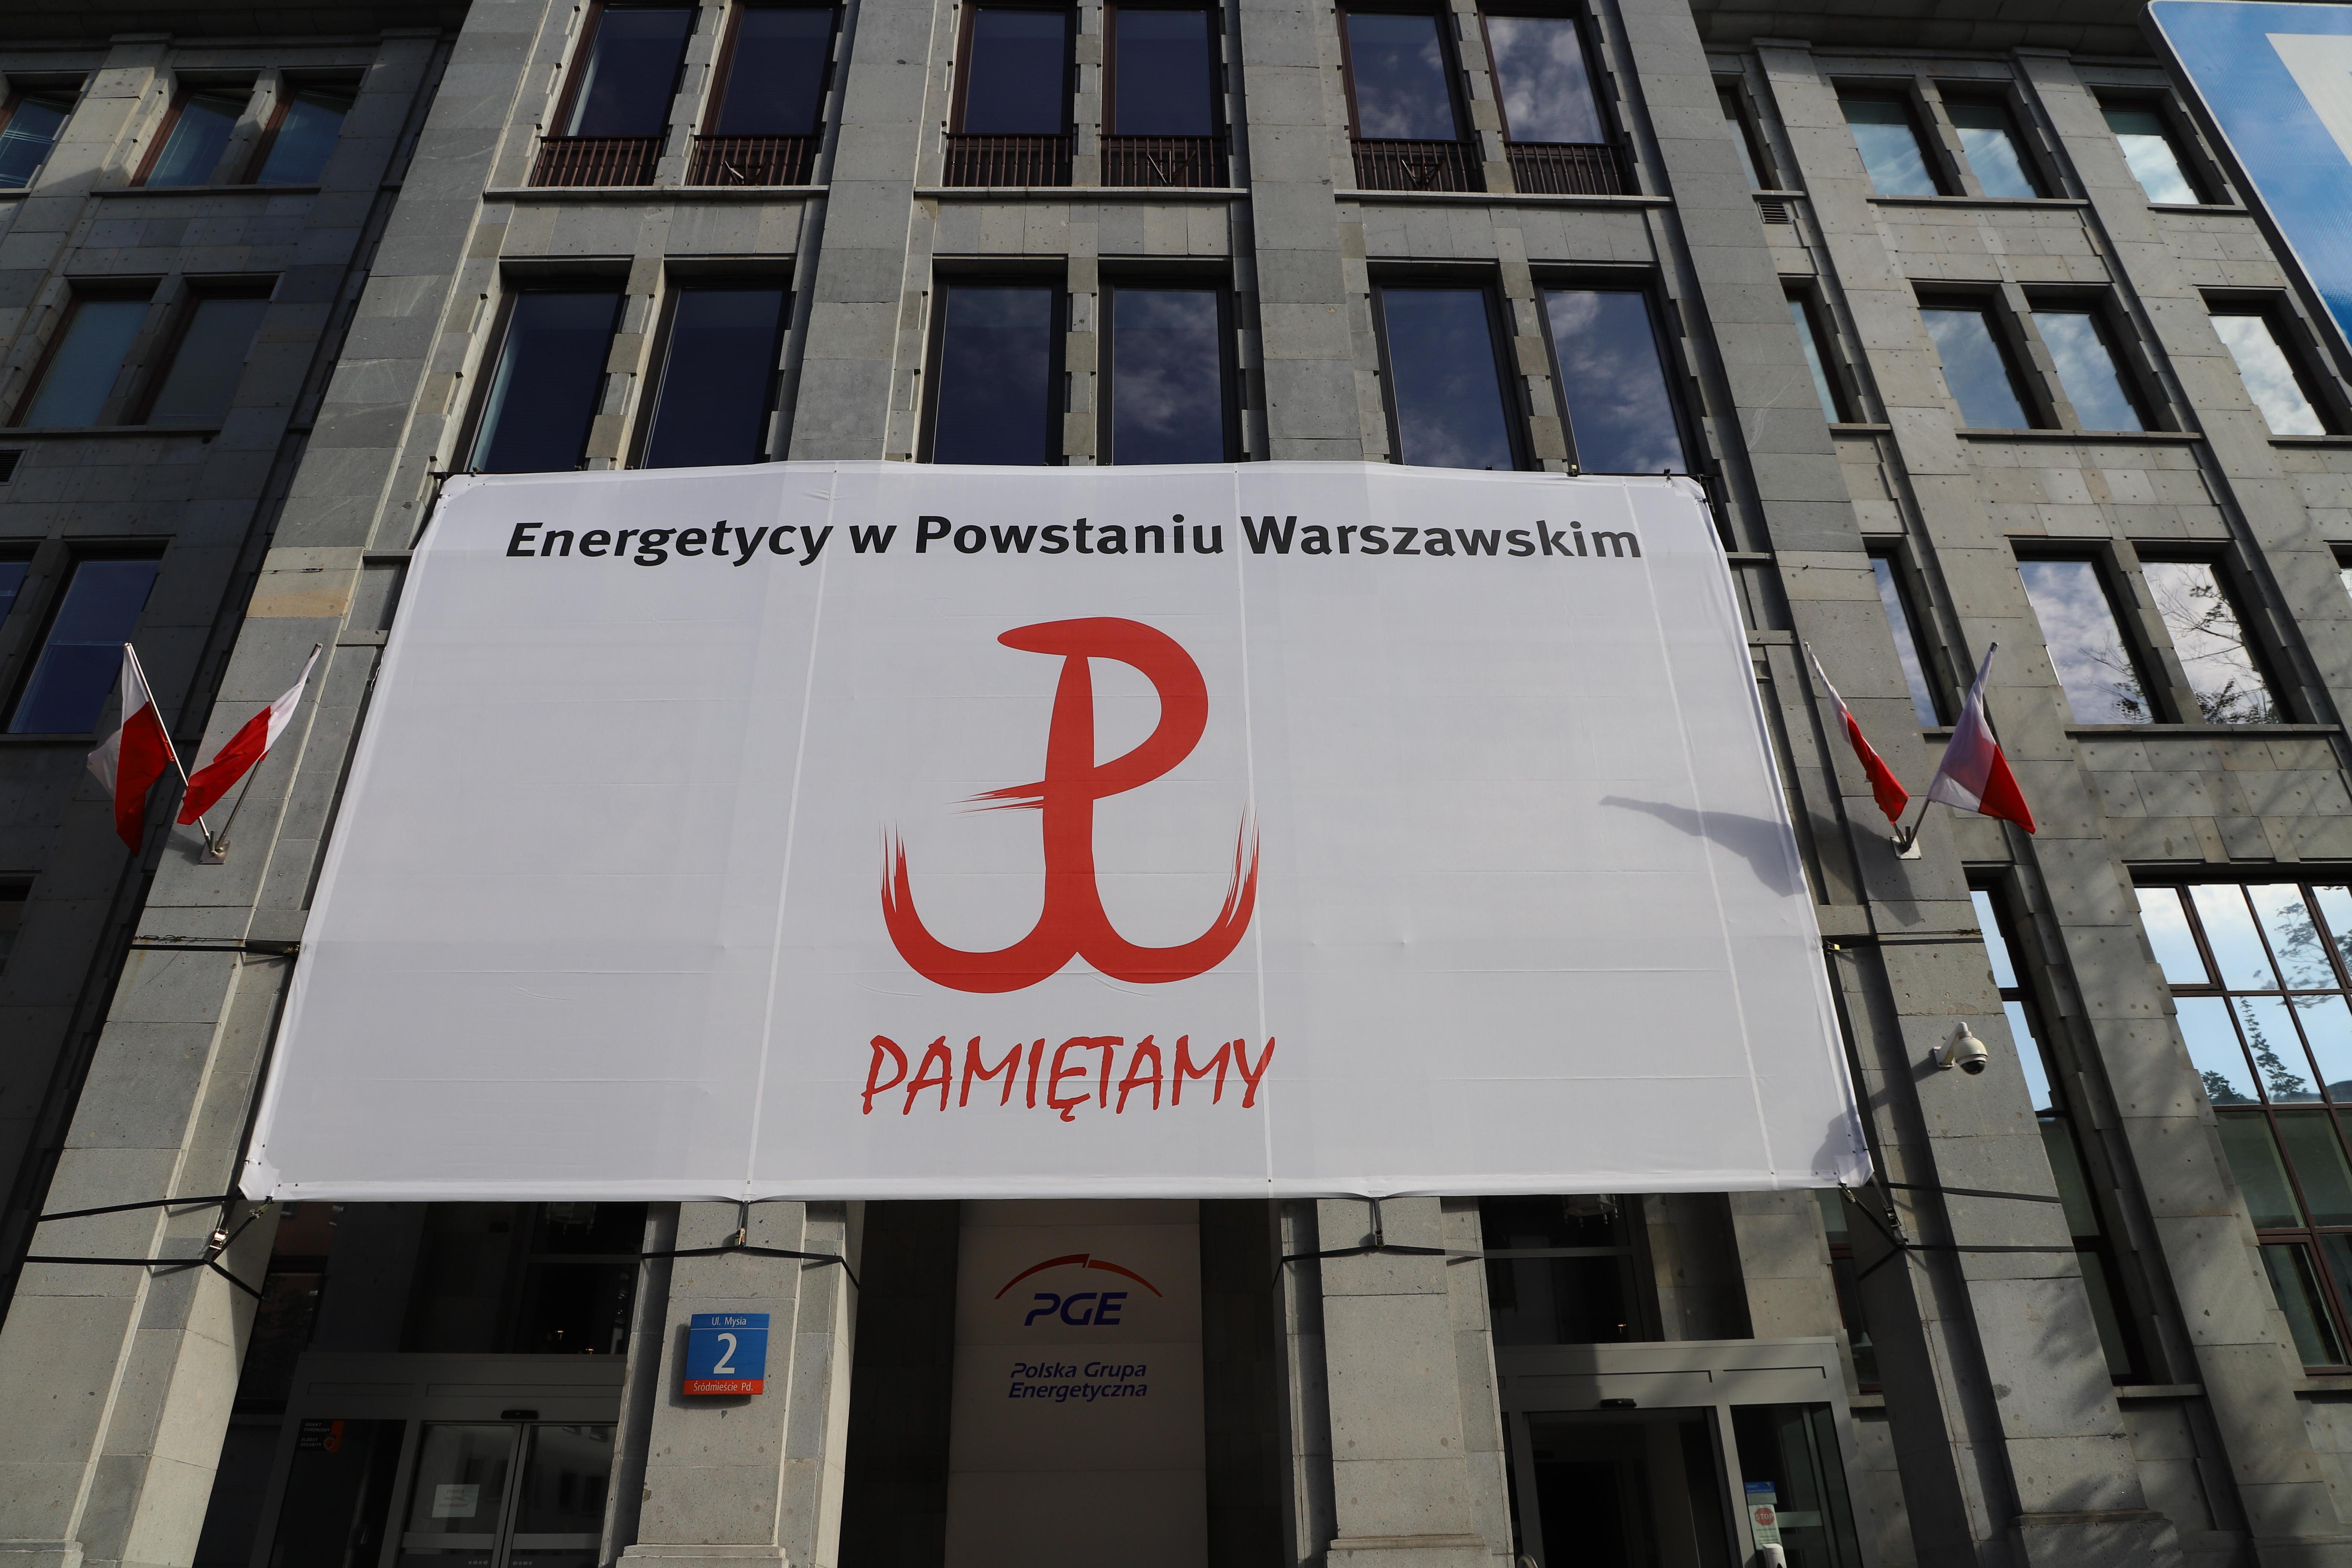 pge_energetycy_w_powstaniu_warszawski.jpg